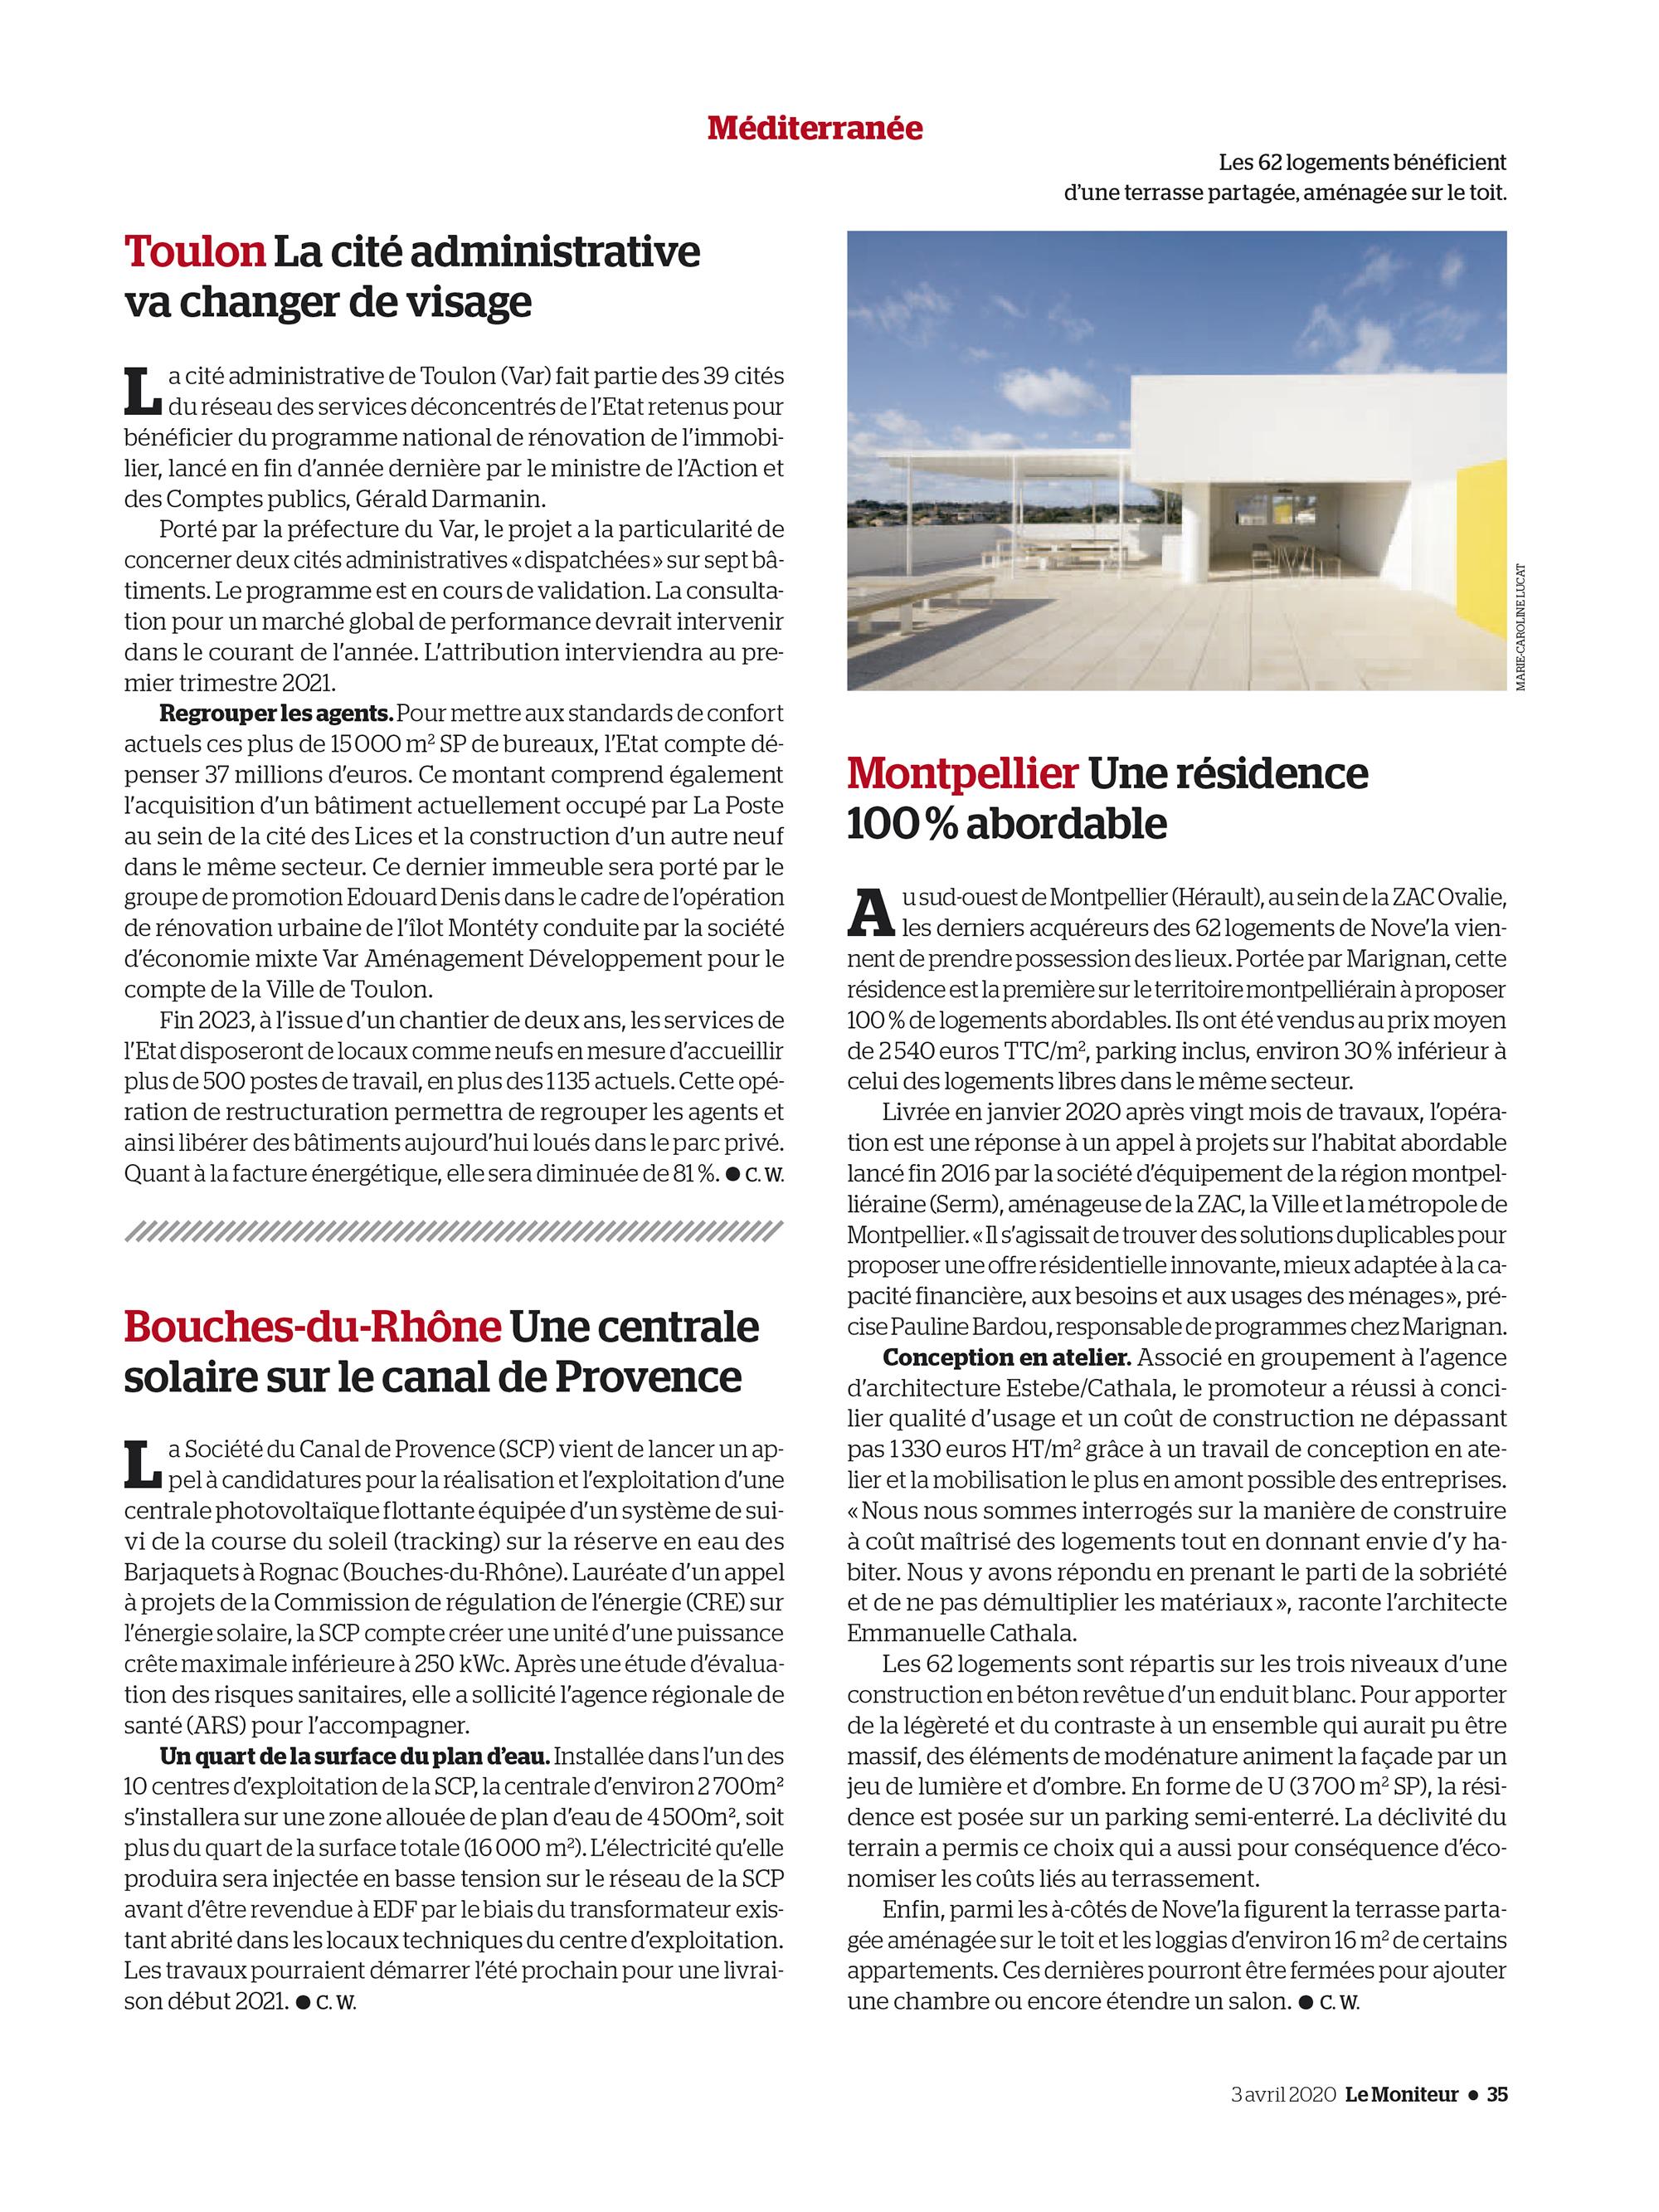 Le Moniteur N° 6078 du 03-04-2020 - Page 35 - Terrasse Partagee De La Premiere Residence Abordable Realisee Sur La Ville De Montpellier. Residence Nove'La Estebecathala-Architectes